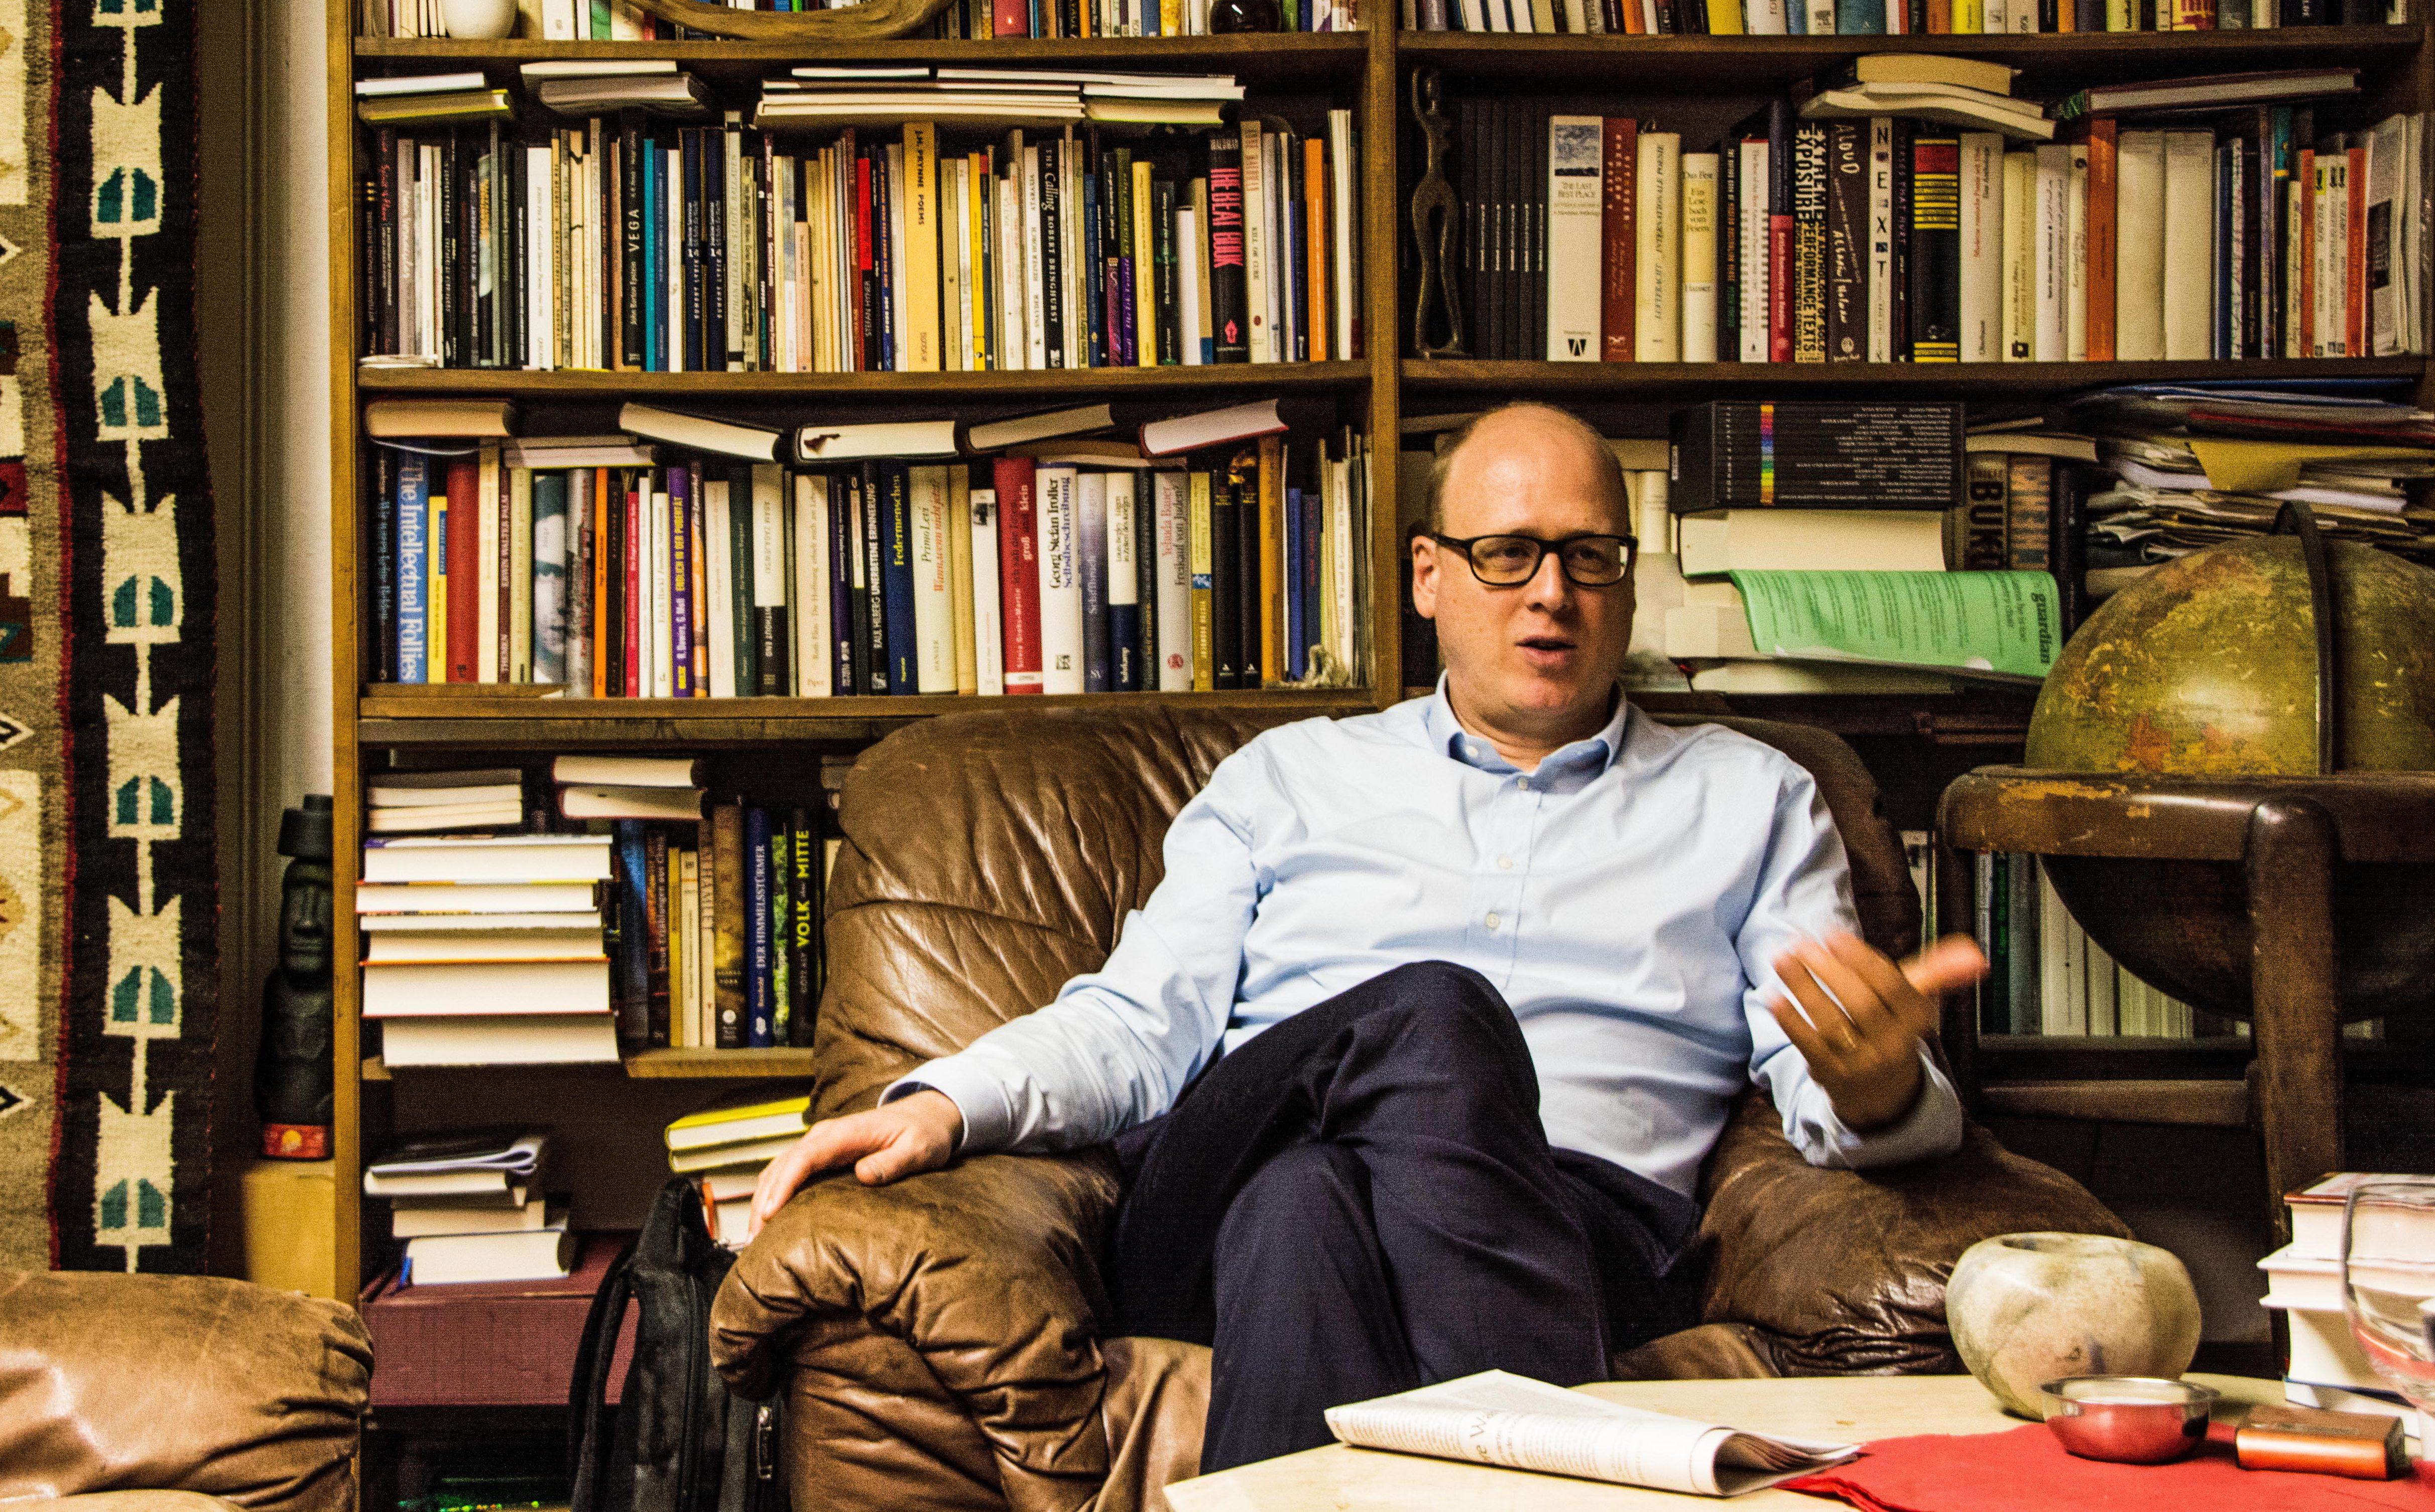 Lars Jaeger will naturwissenschaftliche Forschung stärker in das gesellschaftliche Bewusstsein rücken. Bild: Philipp Hiller